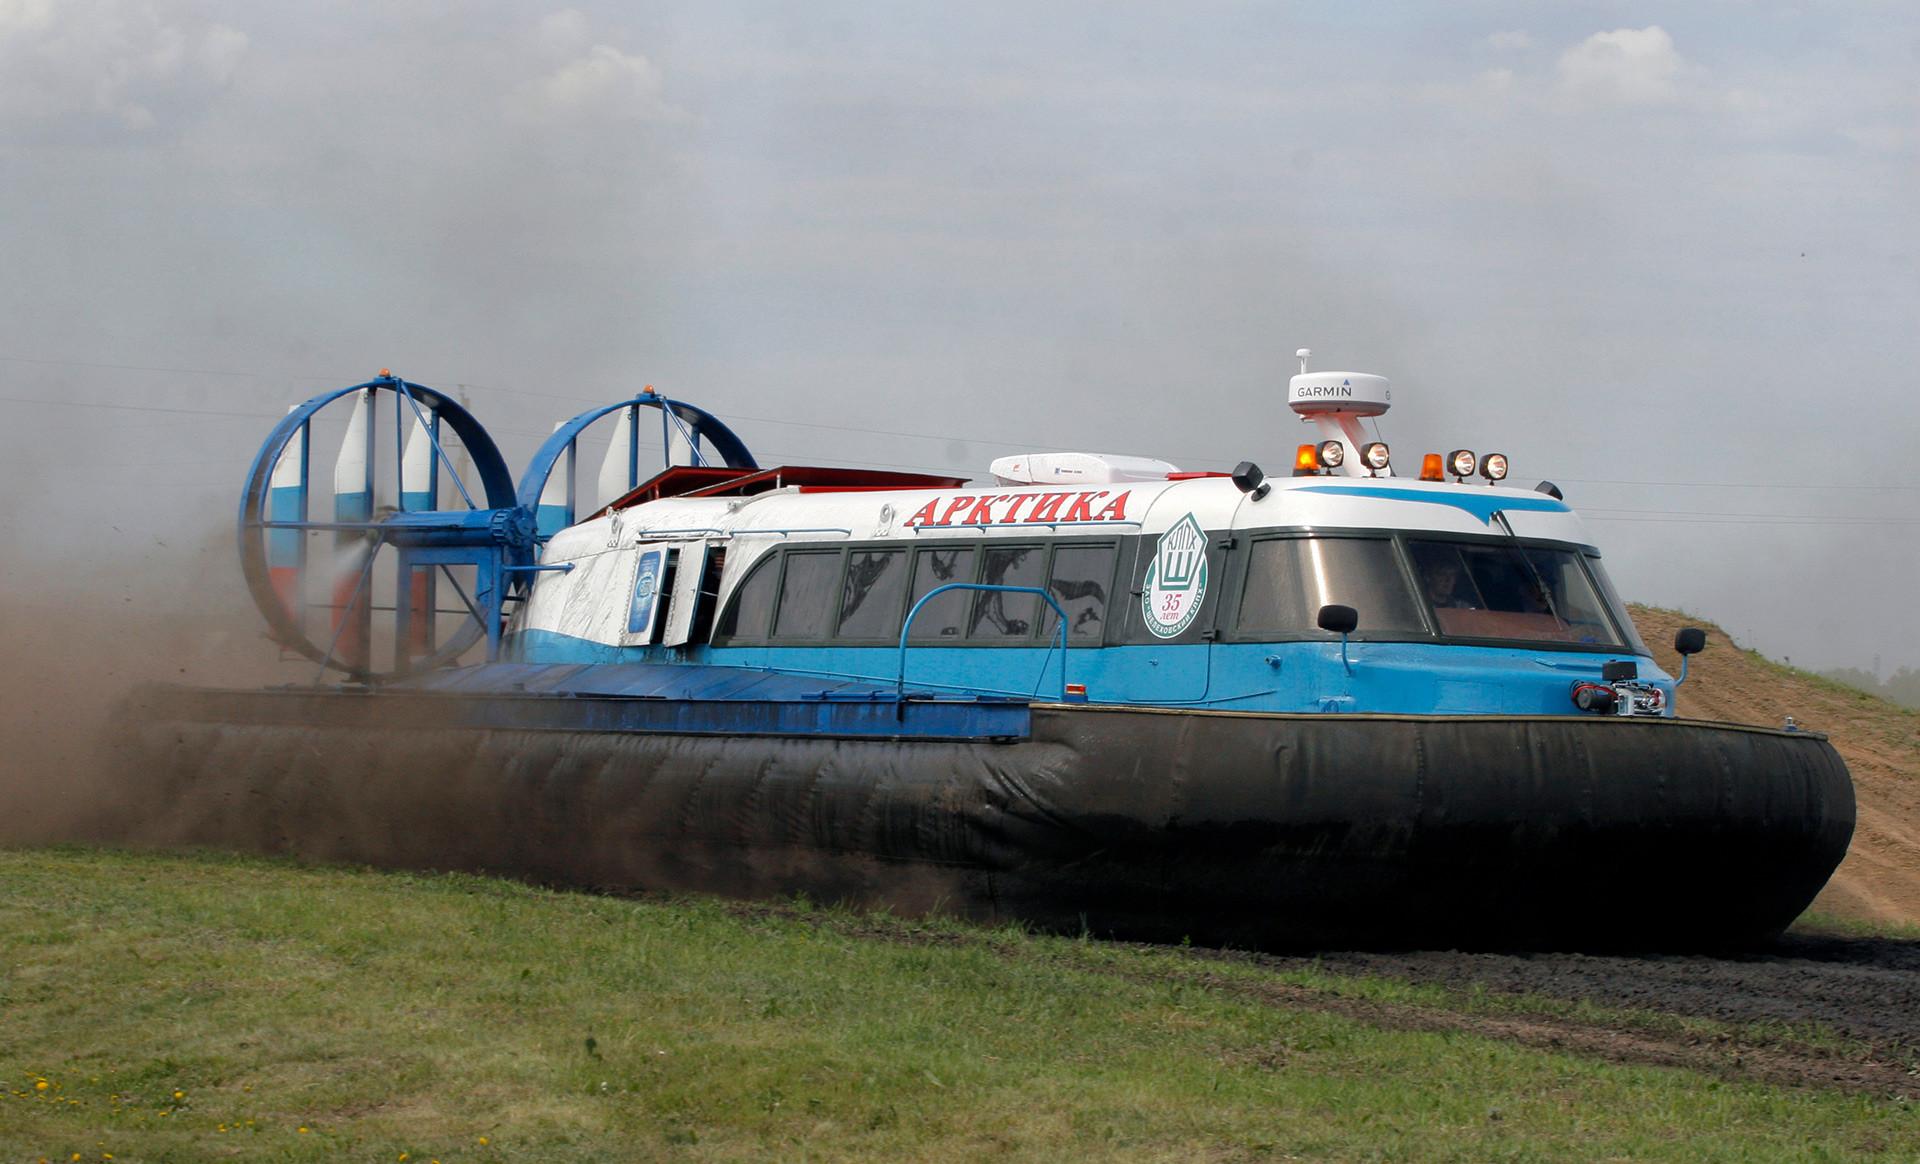 第8回の陸軍用の乗り物、技術、兵器の国際展覧会「VTTV Omsk-2009」で展示されたアルクティカ・ホバークラフト。